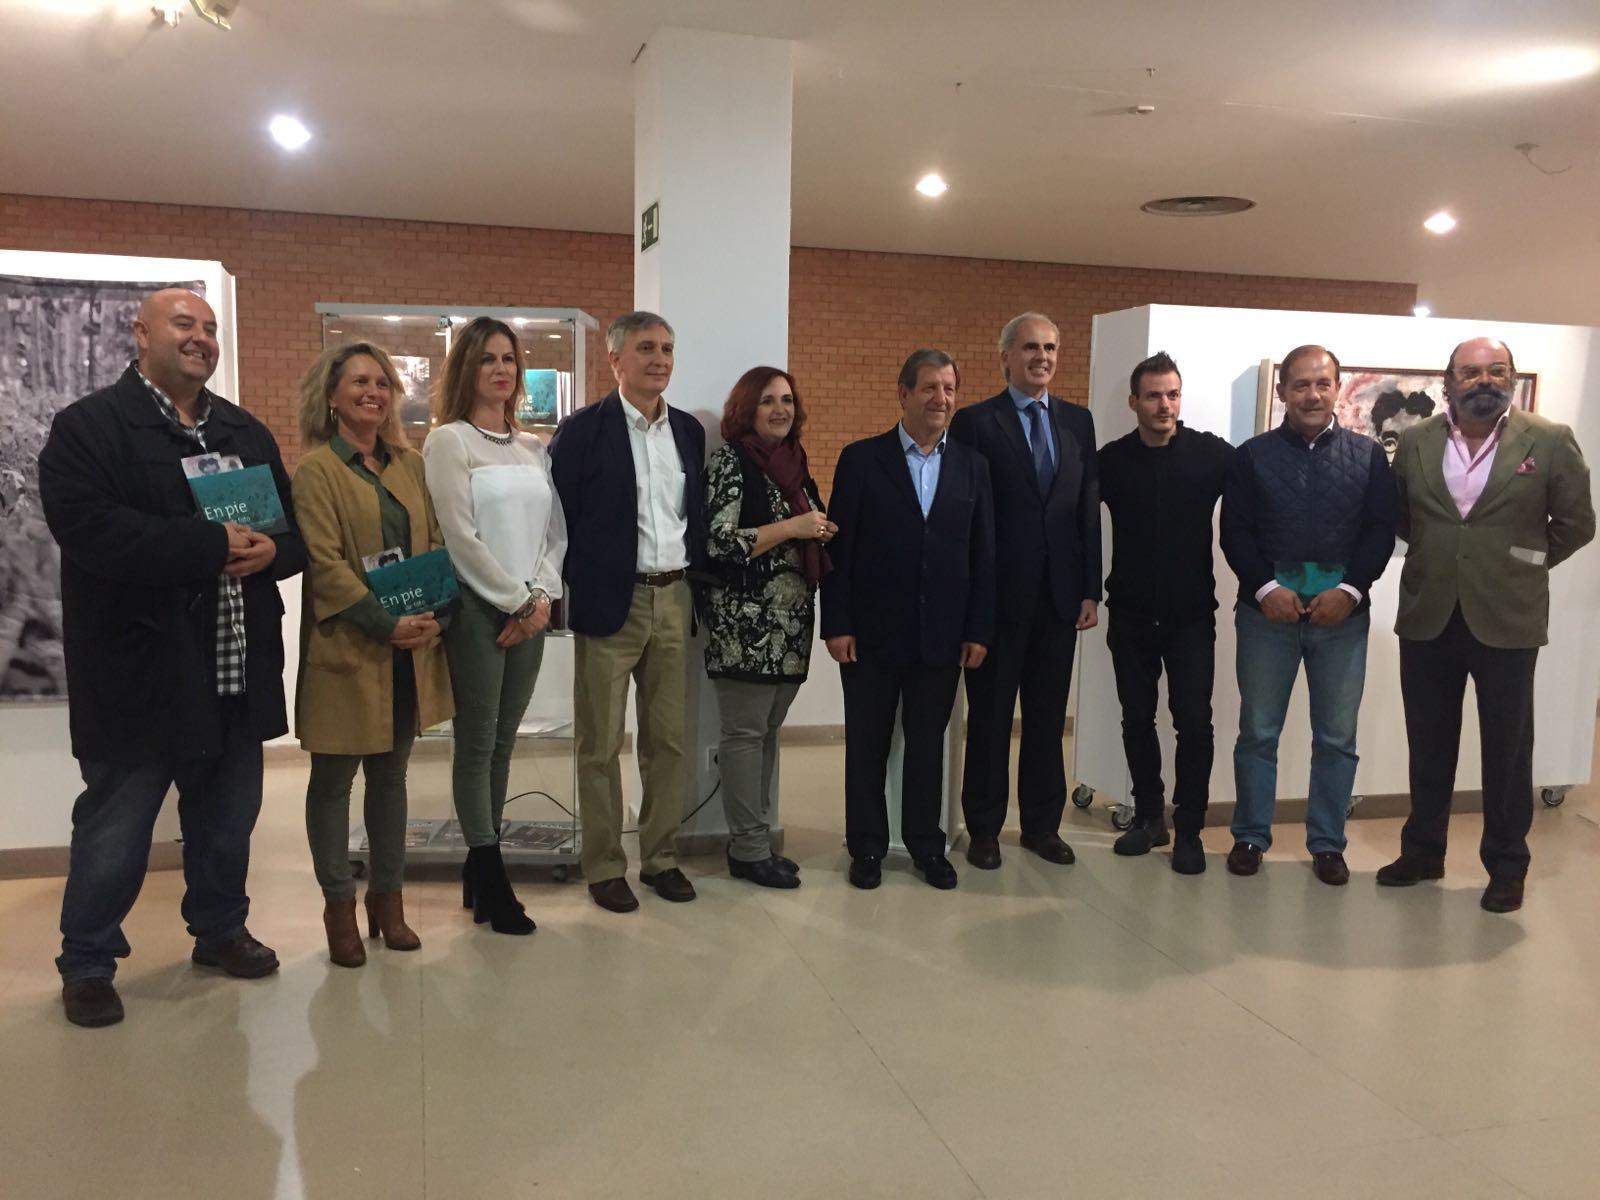 El alcalde de la localidad madrileña, Luis Partida, la directora de la FMAB, Cristina Cuesta, el viceconsejero de Presidencia y Justicia de la Comunidad de Madrid, Enrique Ruiz Escudero y otras autoridades asistentes al acto.